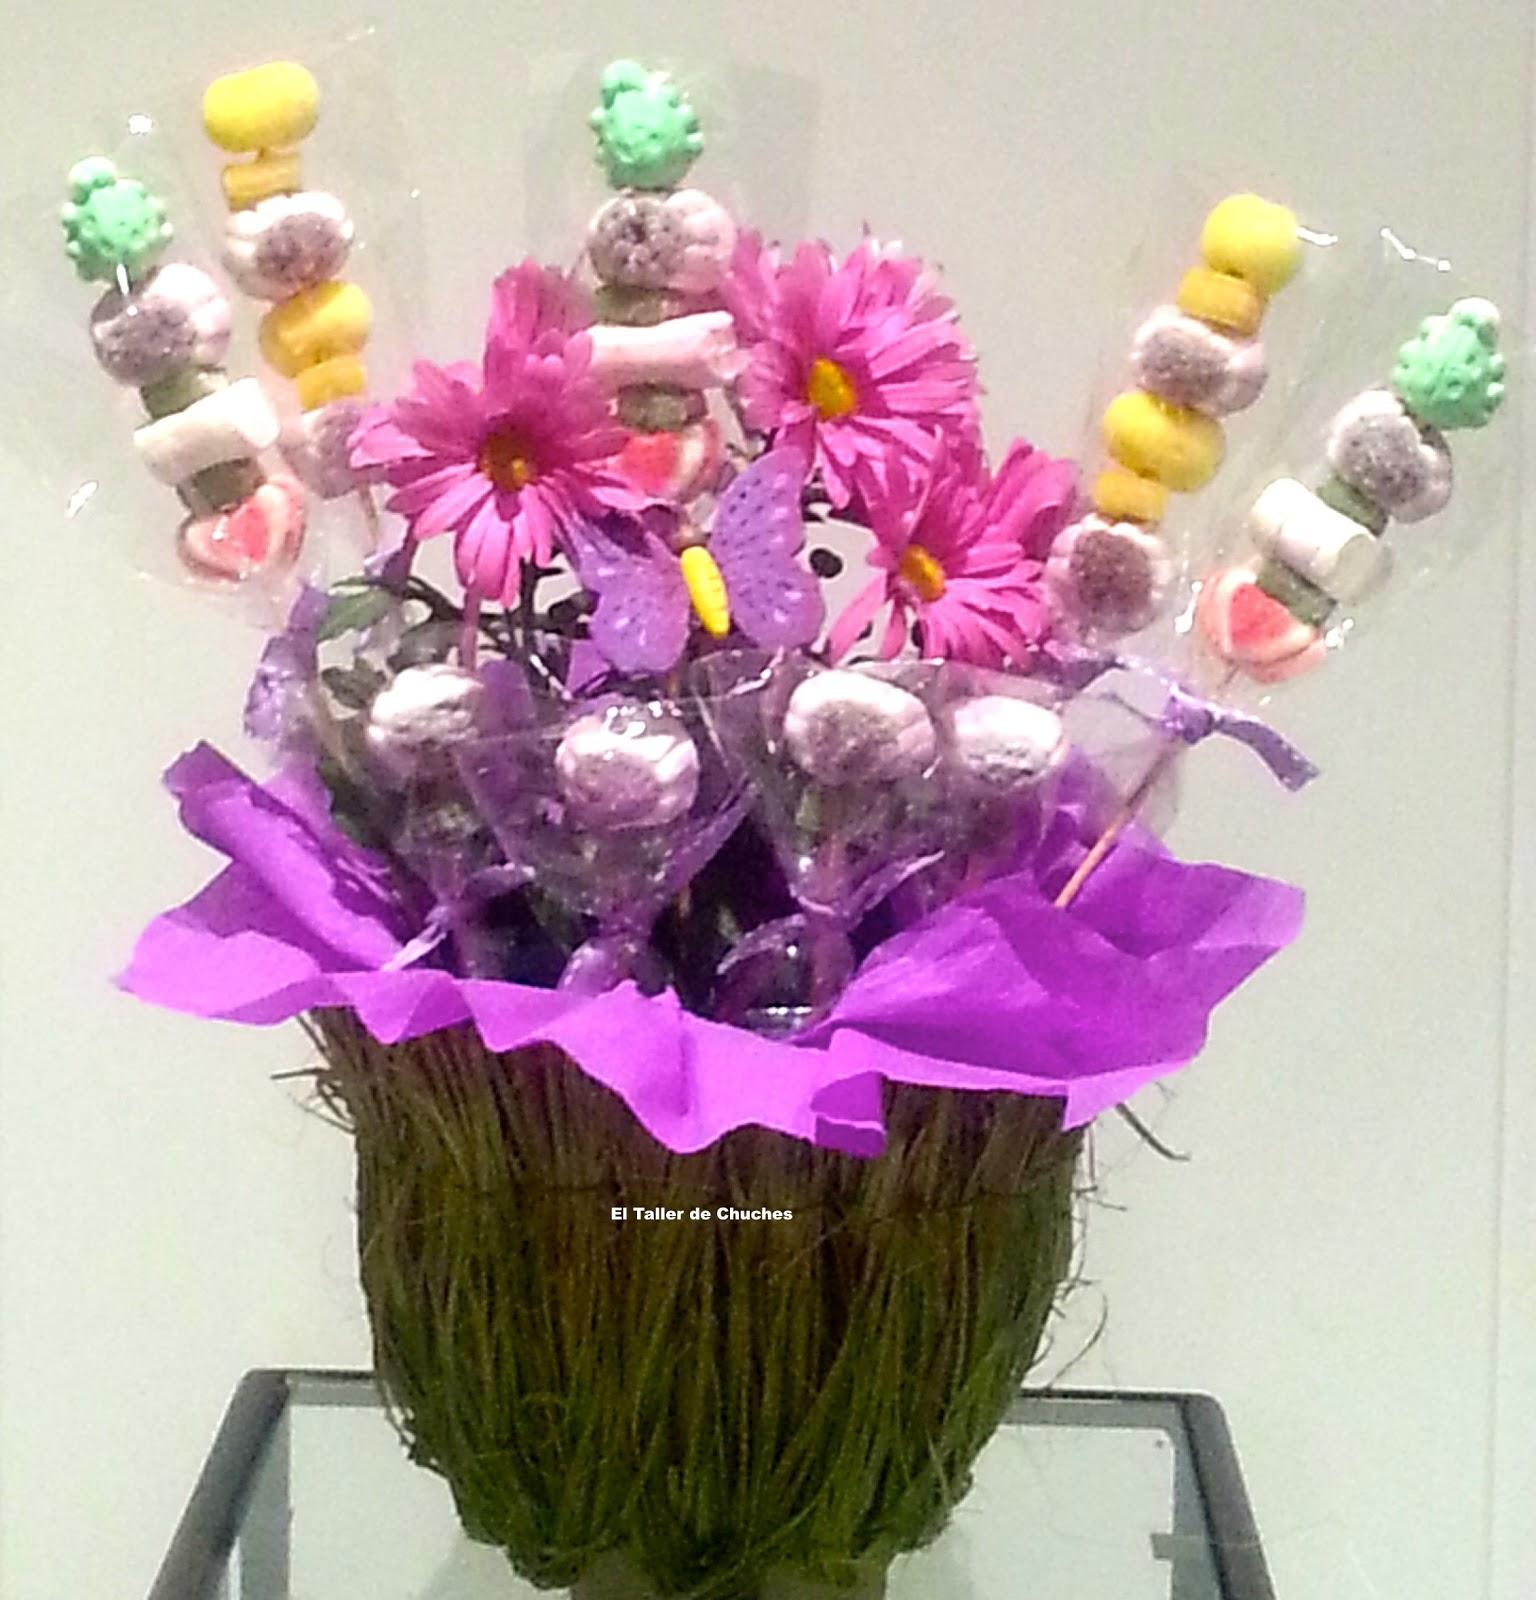 Taller de chuches centros con flores frescas y chuches - Centro de mesa de chuches ...